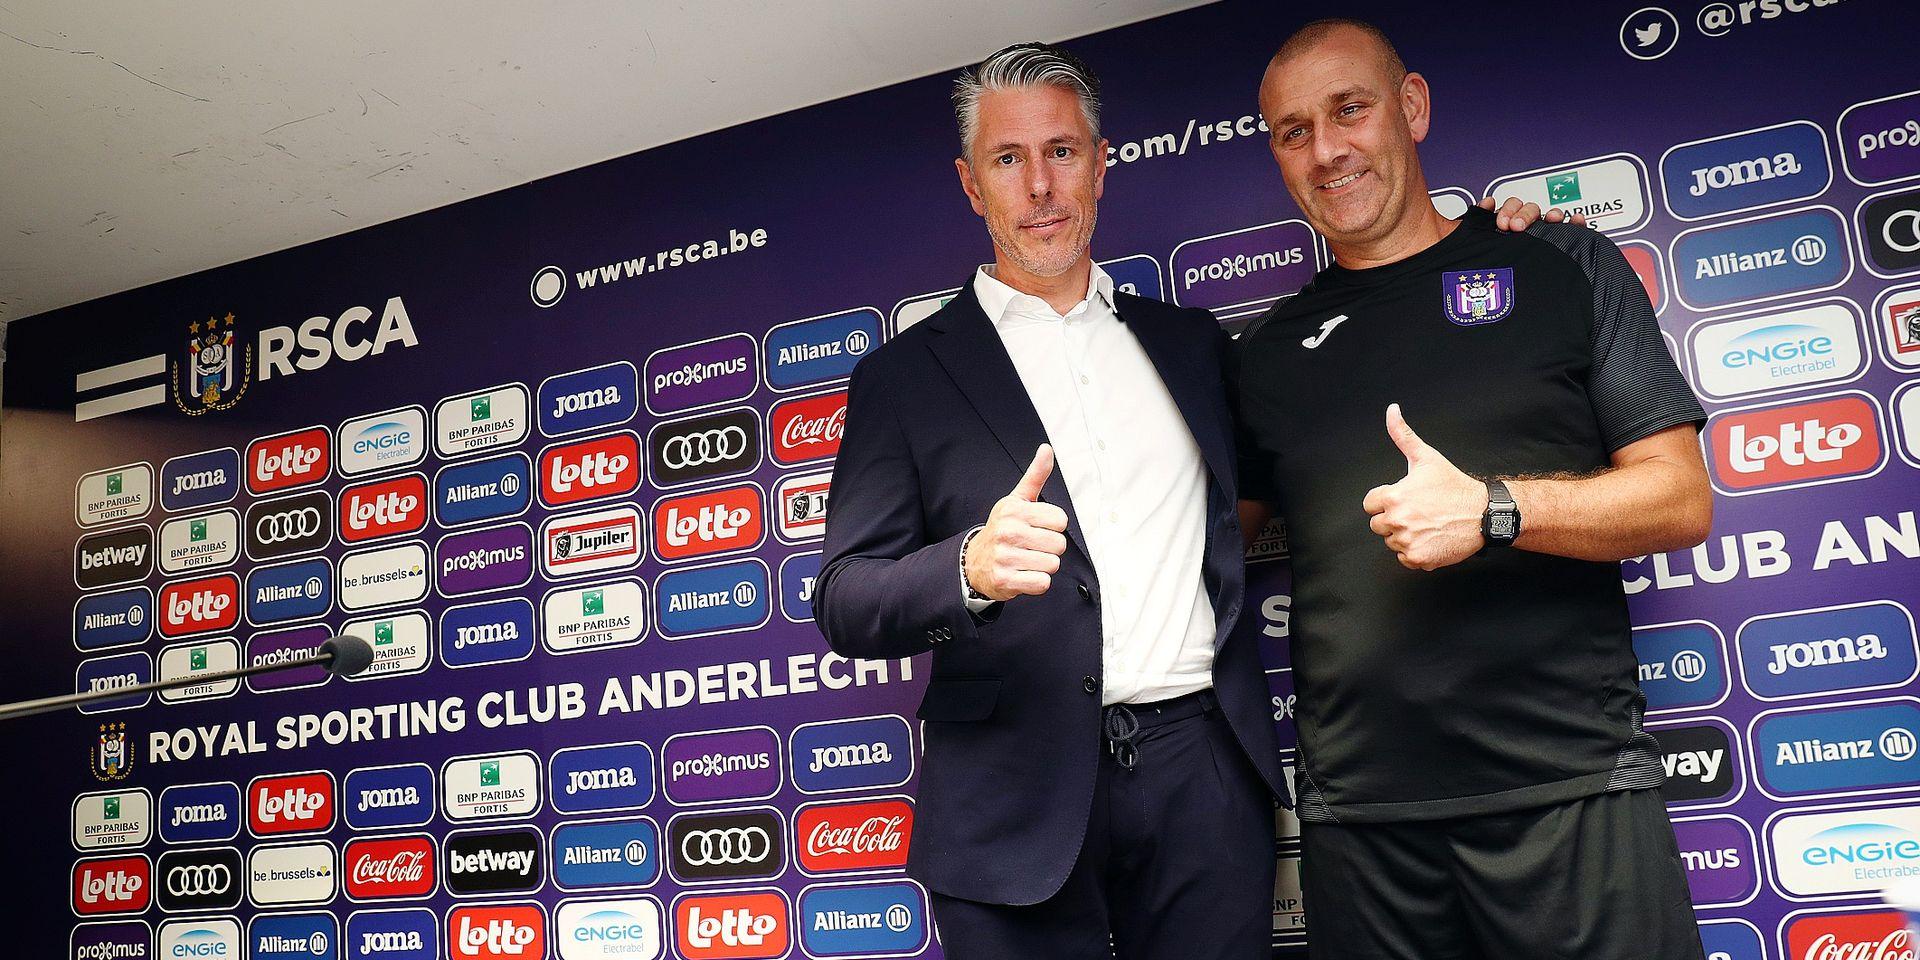 """Michael Verschueren, directeur sportif d'Anderlecht, prévient : """"Cela va bouger dans les deux semaines"""""""